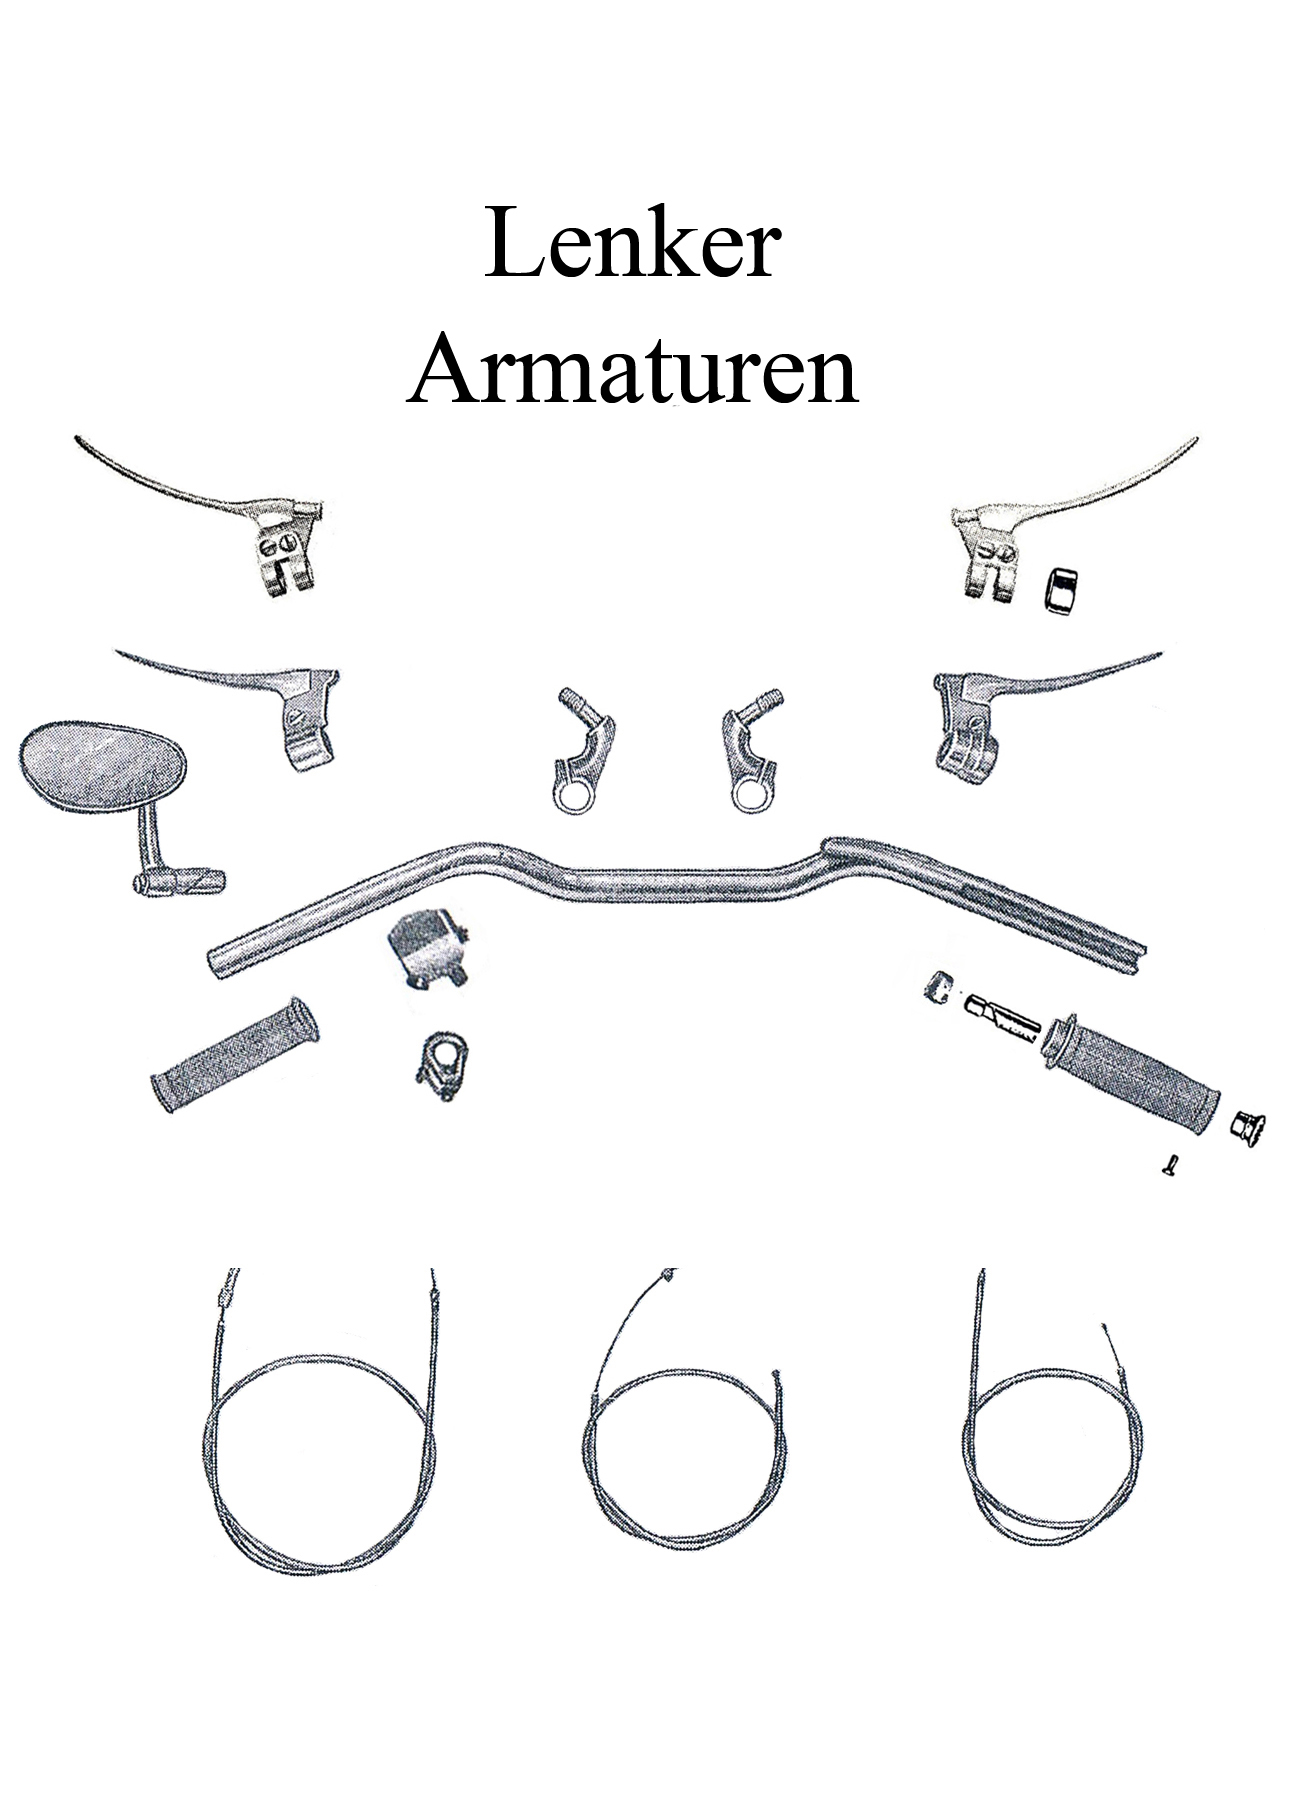 DDR-Motorrad AWO Sport Ersatzteileliste Lenker Gasgriffgummis Spiegel Schalter Armatur Bremse Kupplung Bowdenzug-Set